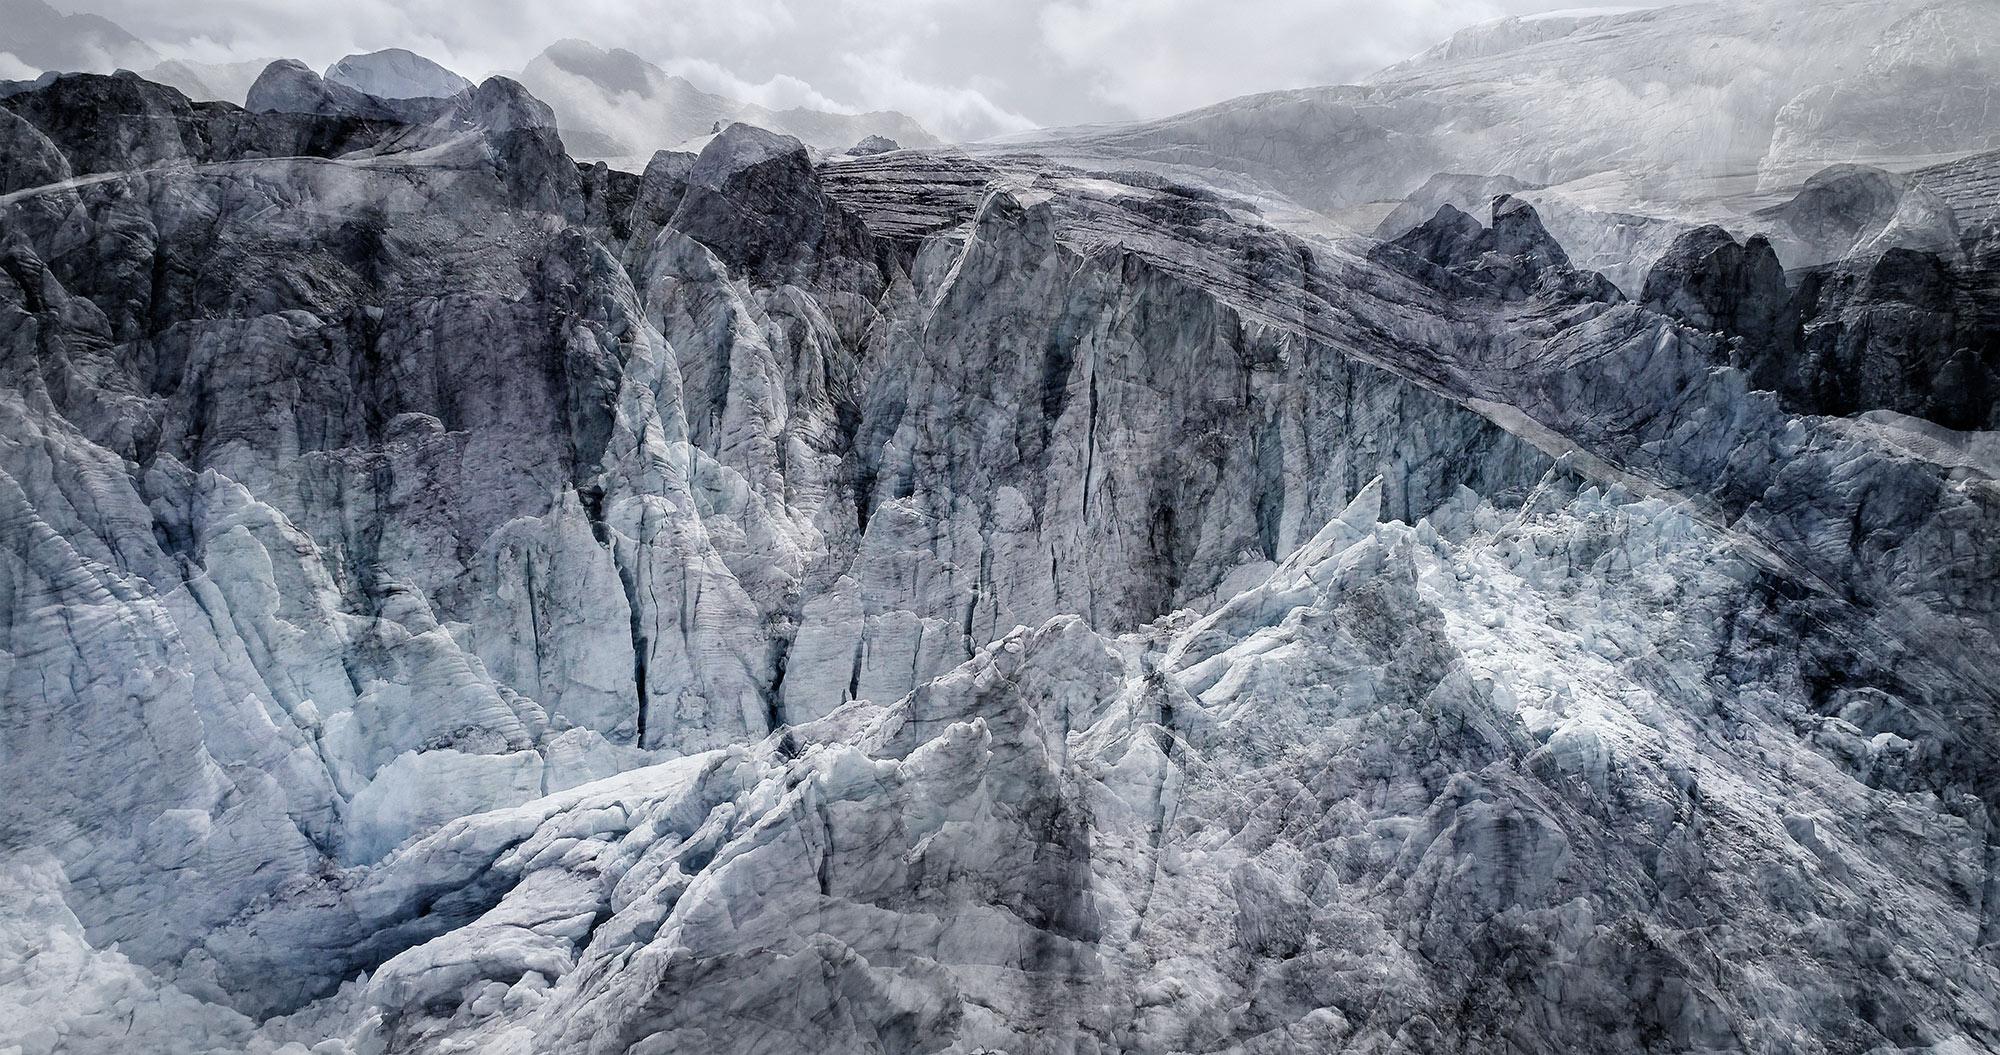 #34 Glaciers offset, 2017, photographie reconstruite à partir de bandes videos, réalisées sur le glacier de Moiry  #34 Glaciers offset, 2017, photographie reconstruite à partir de bandes videos, réalisées sur le glacier de Moiry